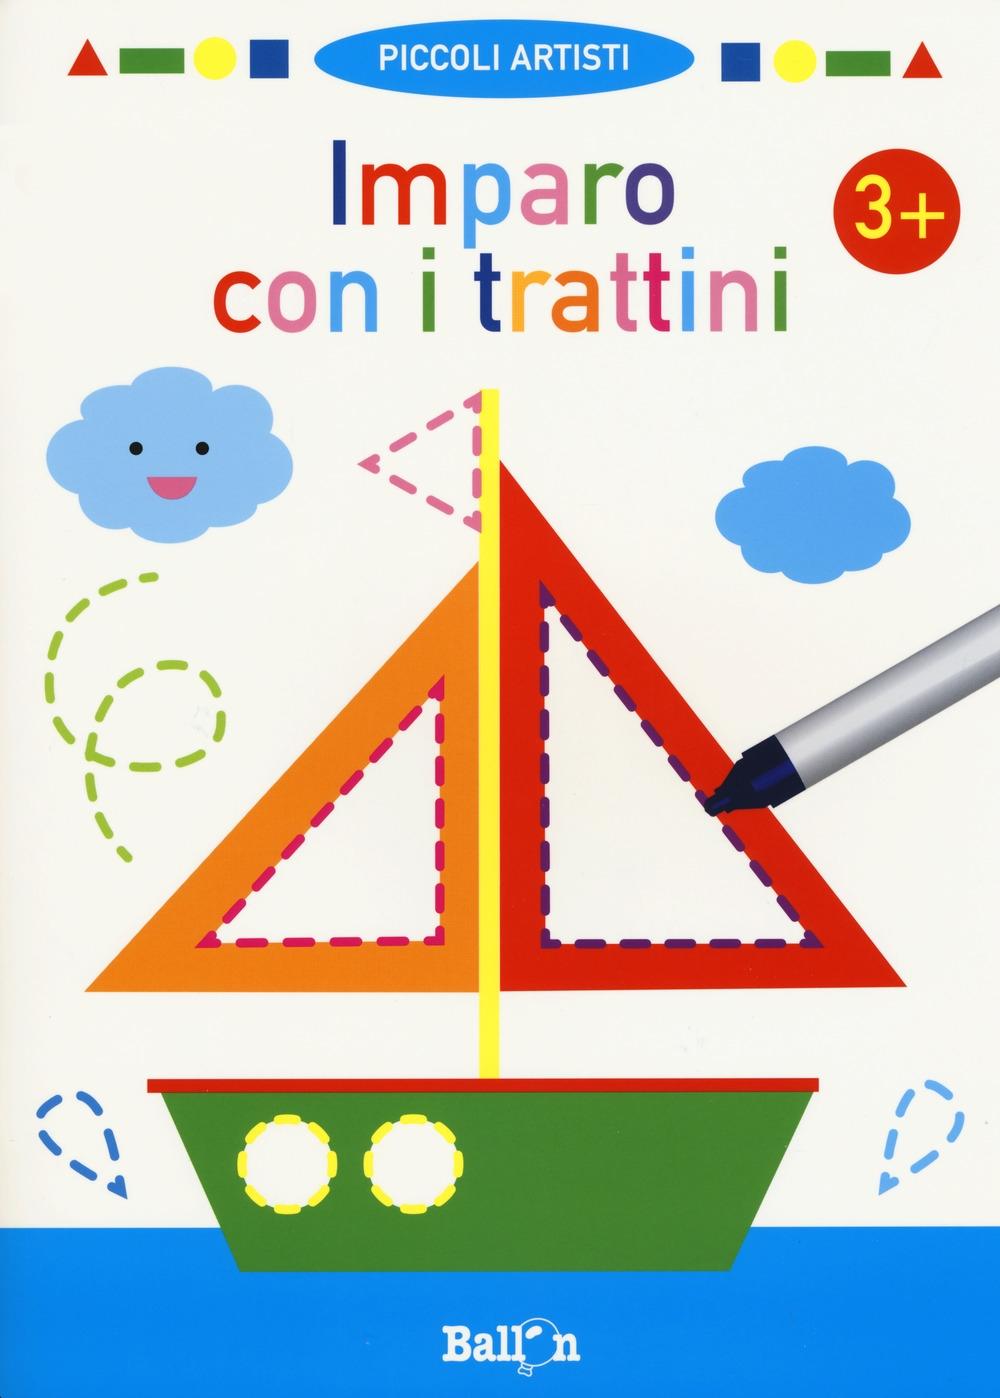 Imparo con i trattini 3+. Piccoli artisti. Ediz. a colori. Con gadget